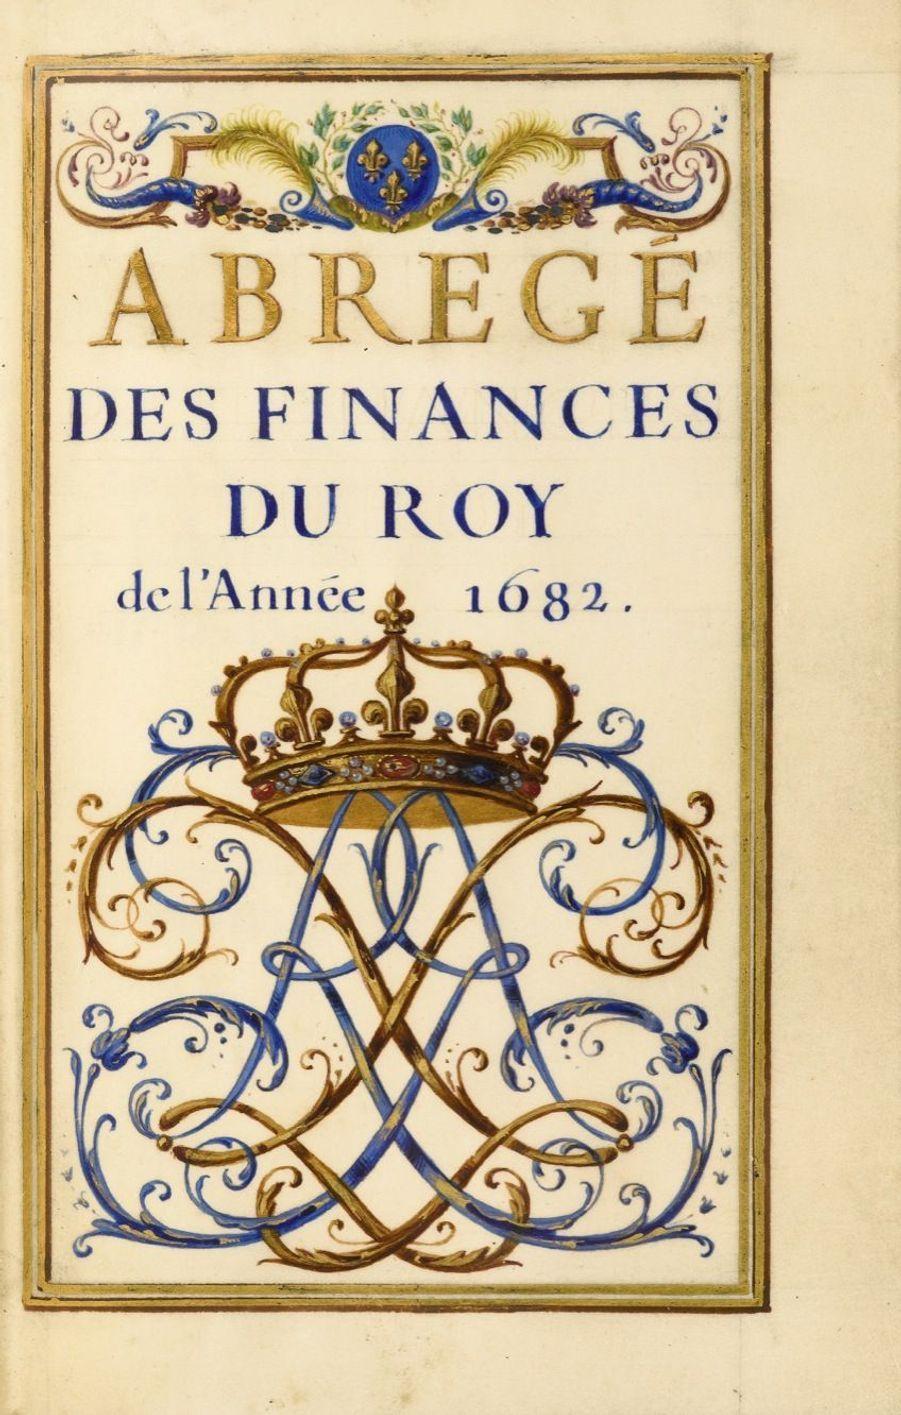 Lot 3 - Abrégé des finances du Roy de l'année 1682 [Versailles?, 1682]  Manuscrit petit de 67 pages calligraphiées et ornementées  Estimation...